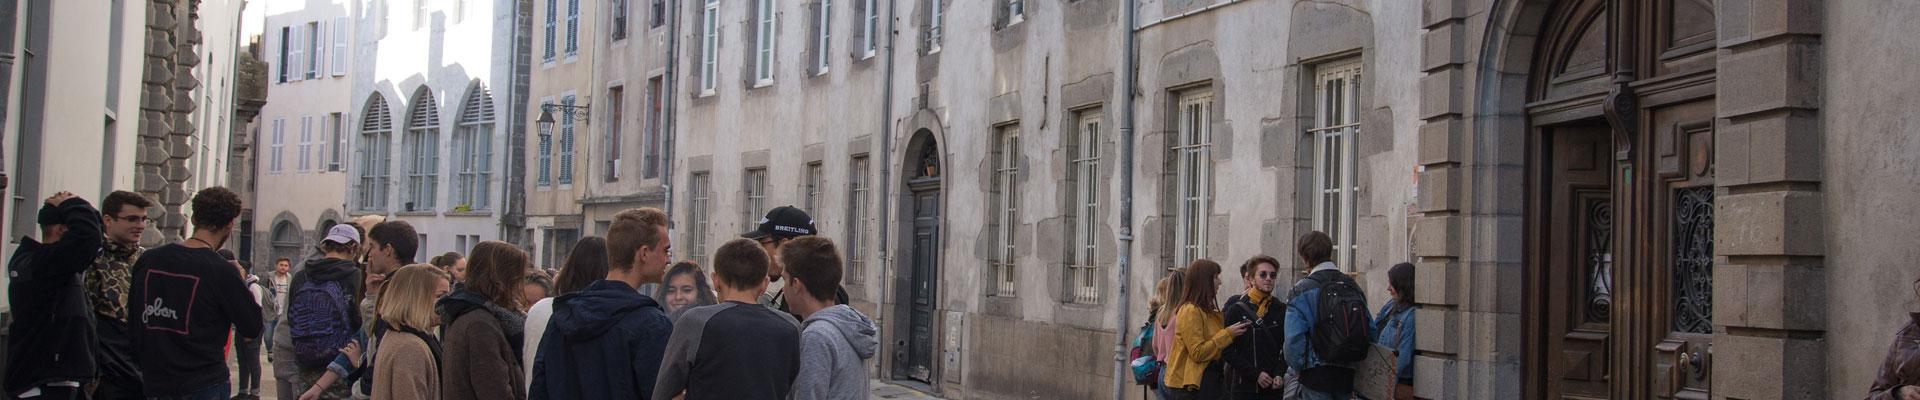 Rue Aurillac - Lycée St Géraud